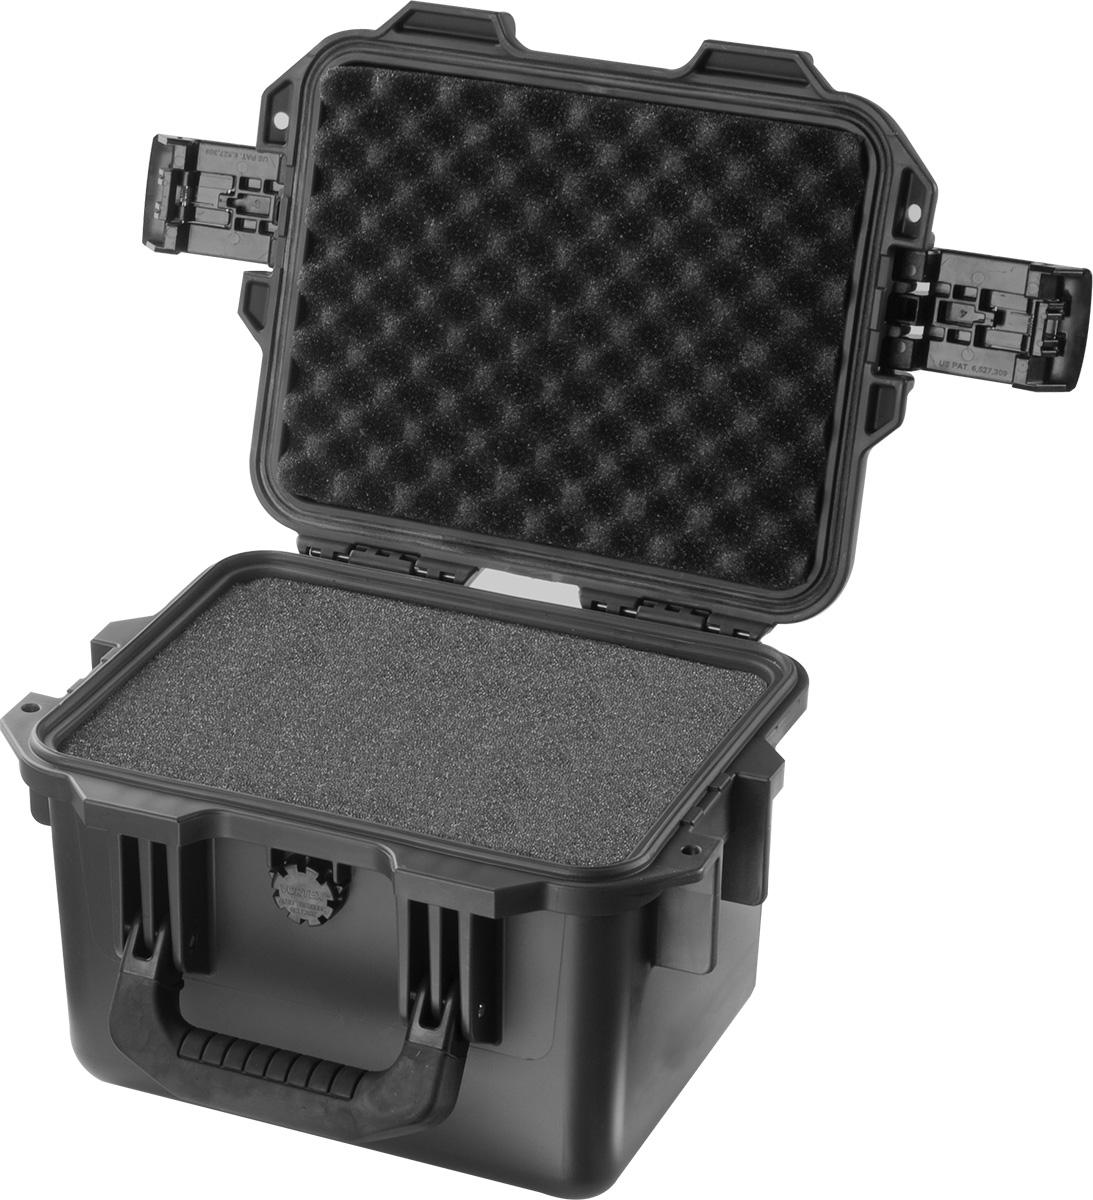 pelican peli im2075 storm camera case